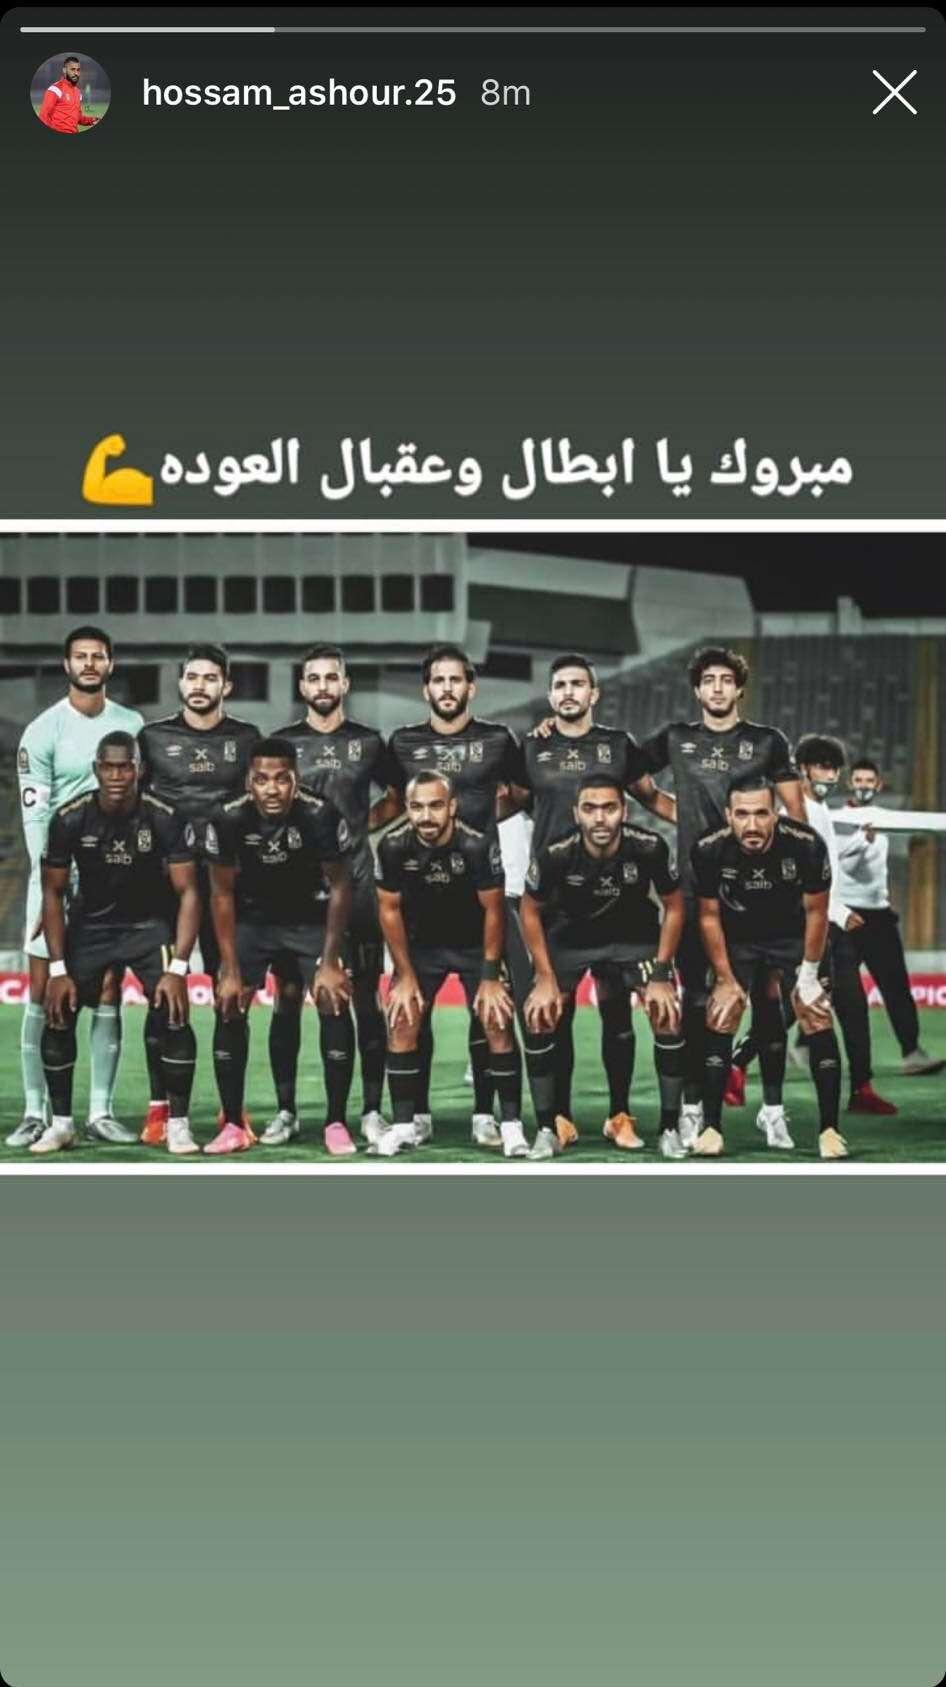 حسام عاشور يُهنئ أبطال الأهلي بعد إسقاط الوداد